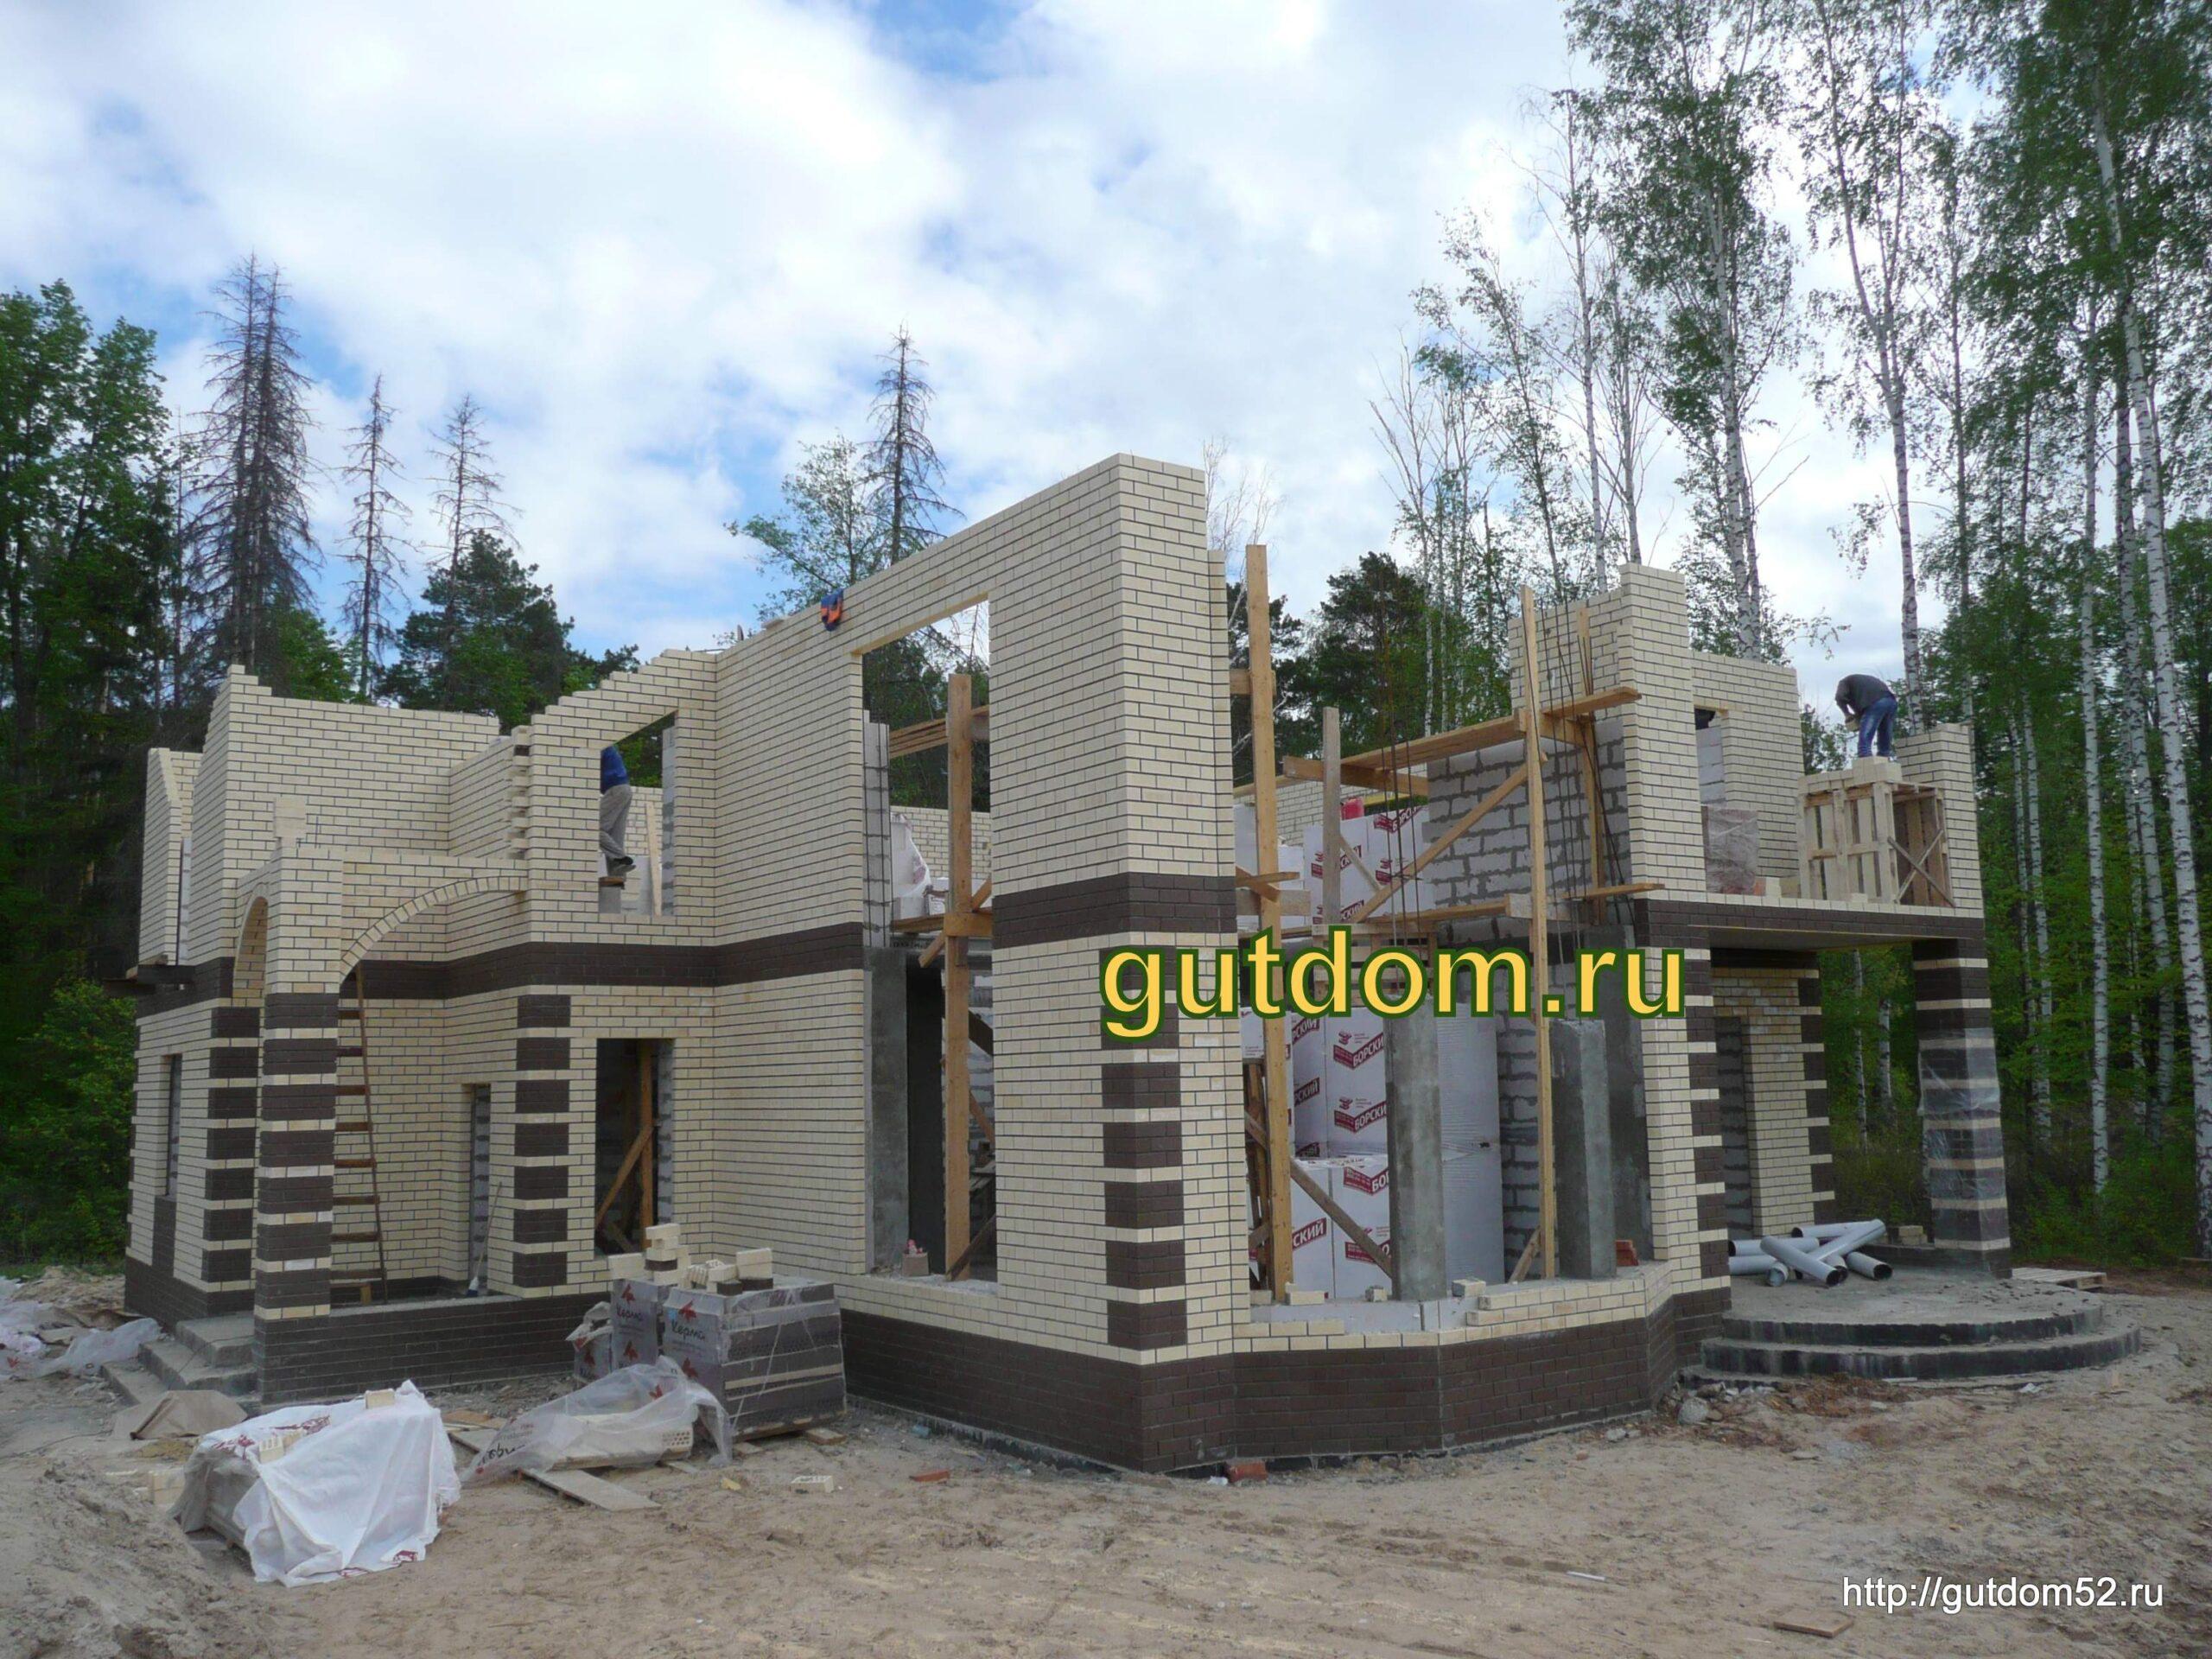 Строительство домов под ключ в Нижнем Новгороде фото